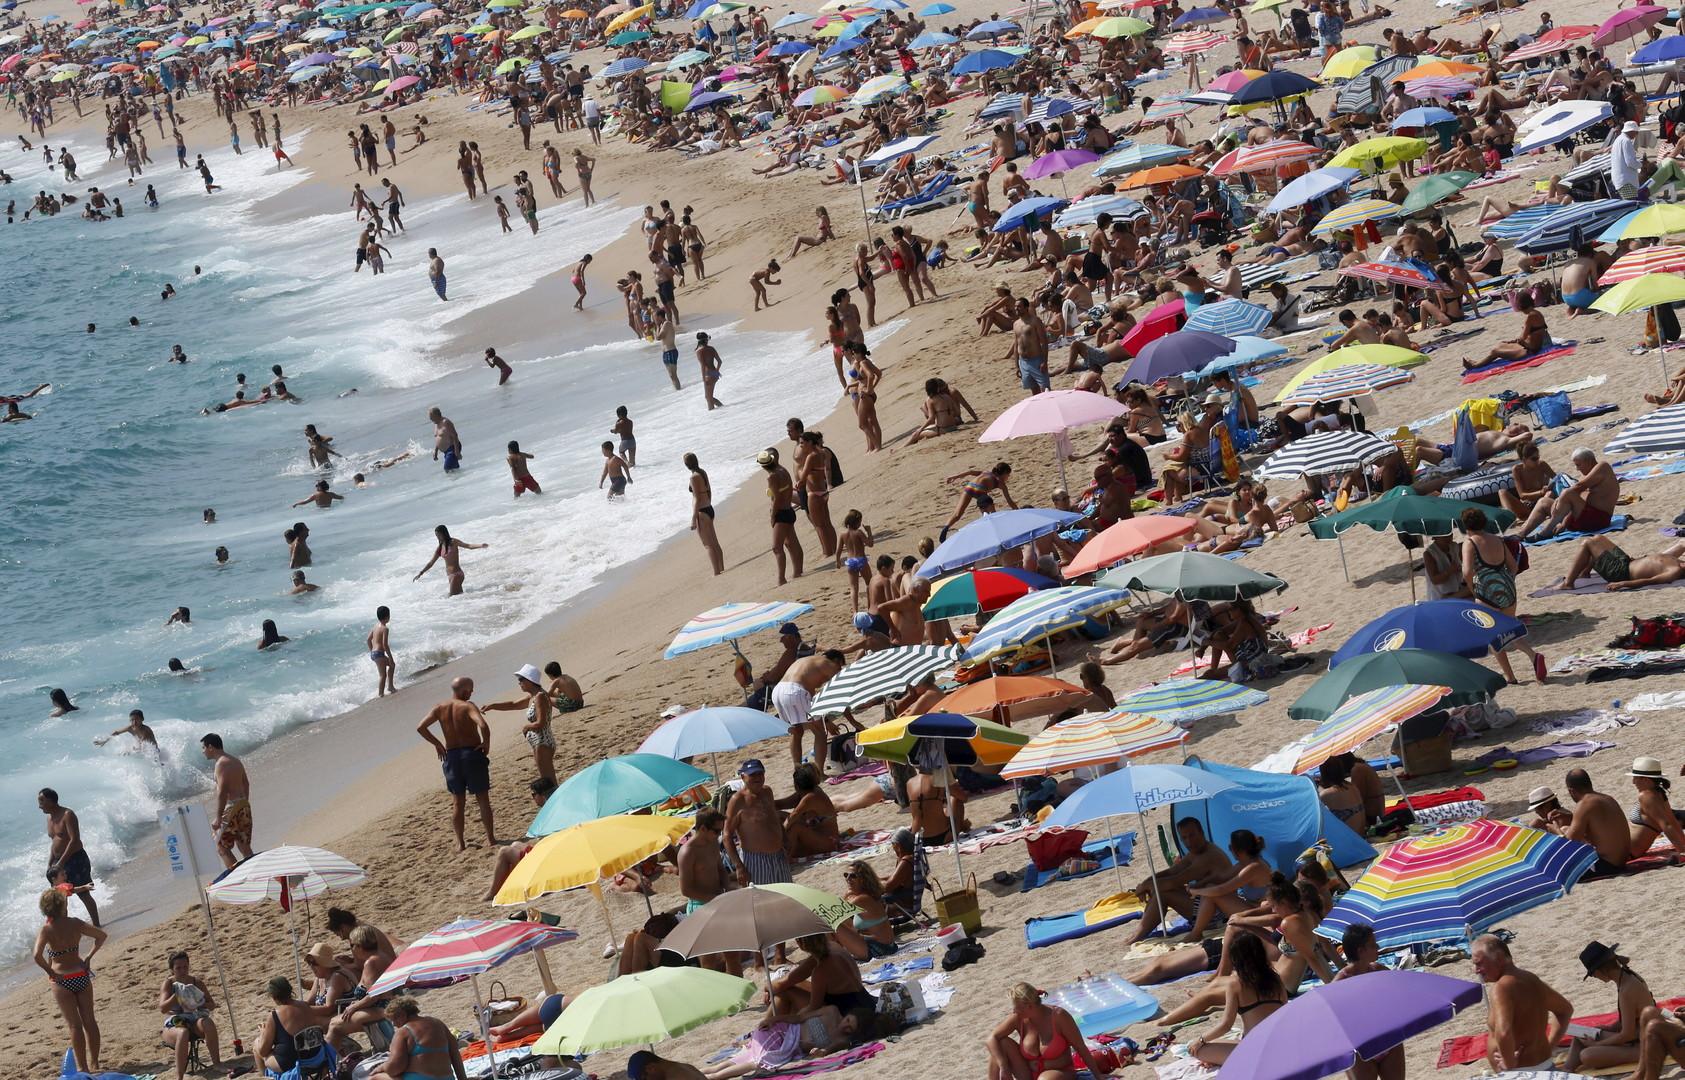 Туристический акт: в Каталонии веселье немецких девушек приняли за атаку террористов